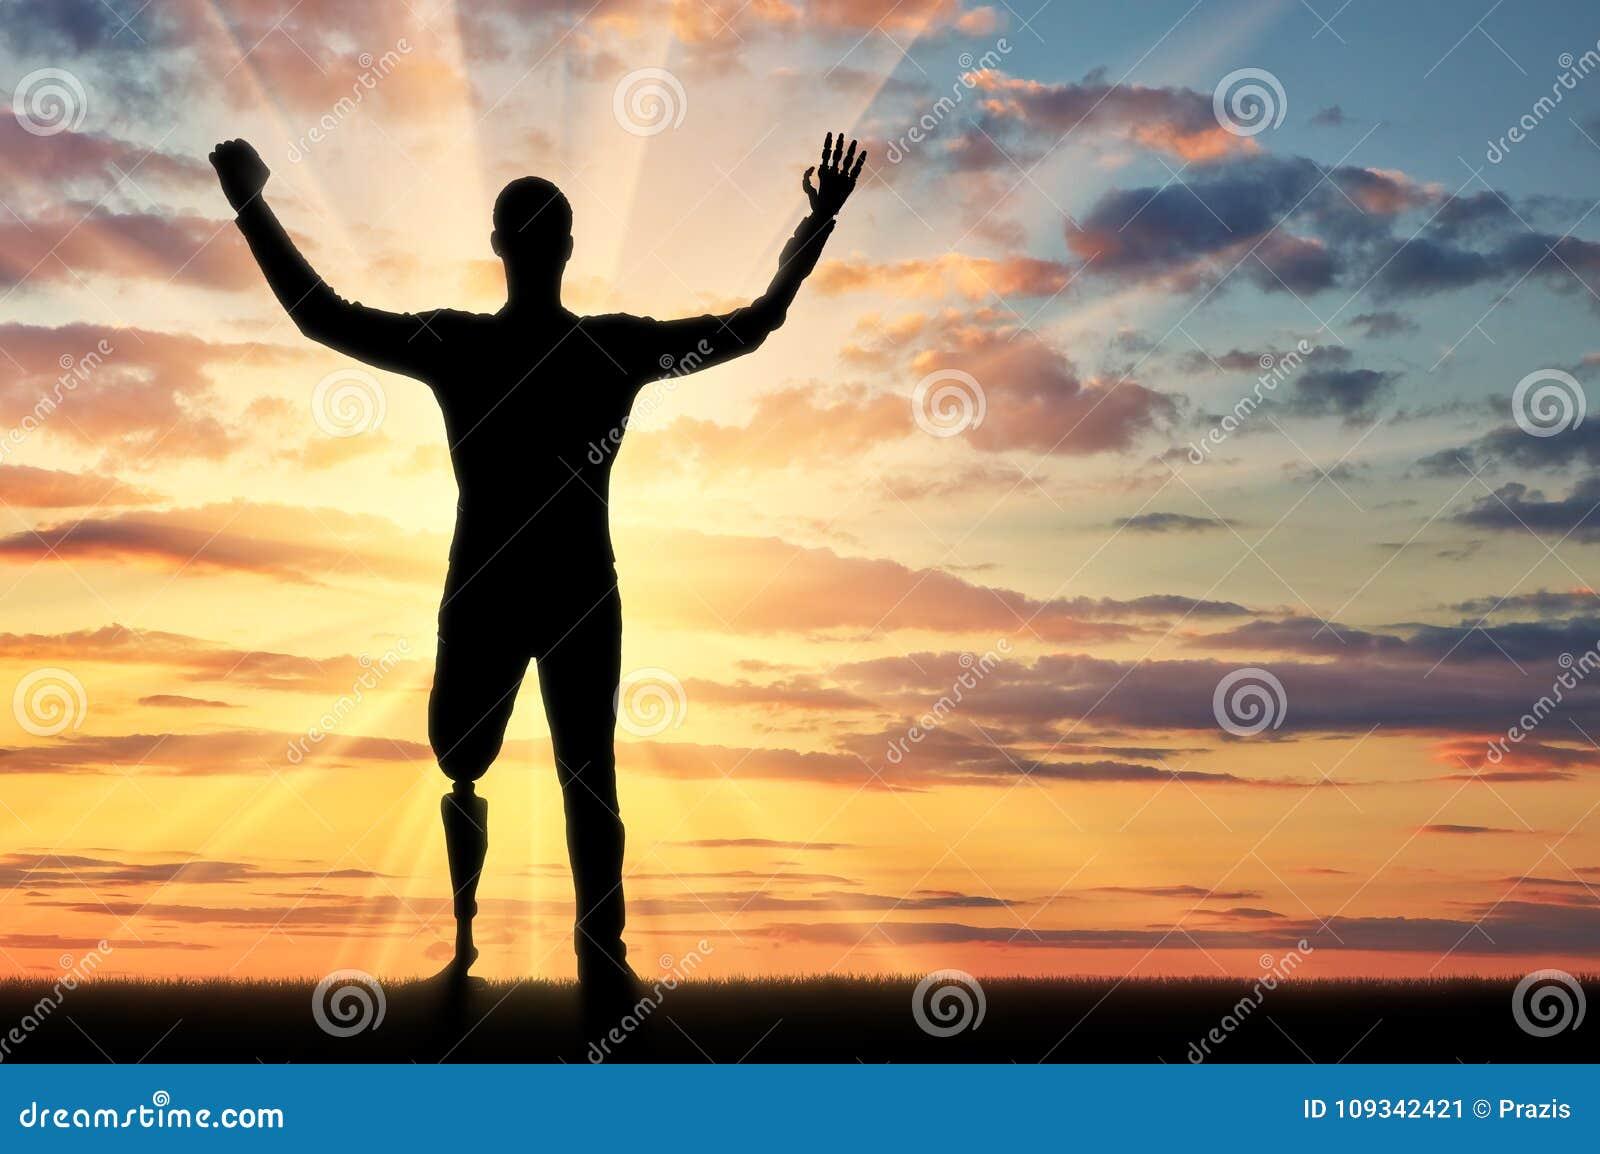 Silueta feliz de un hombre discapacitado con los brazos y las piernas prostéticos